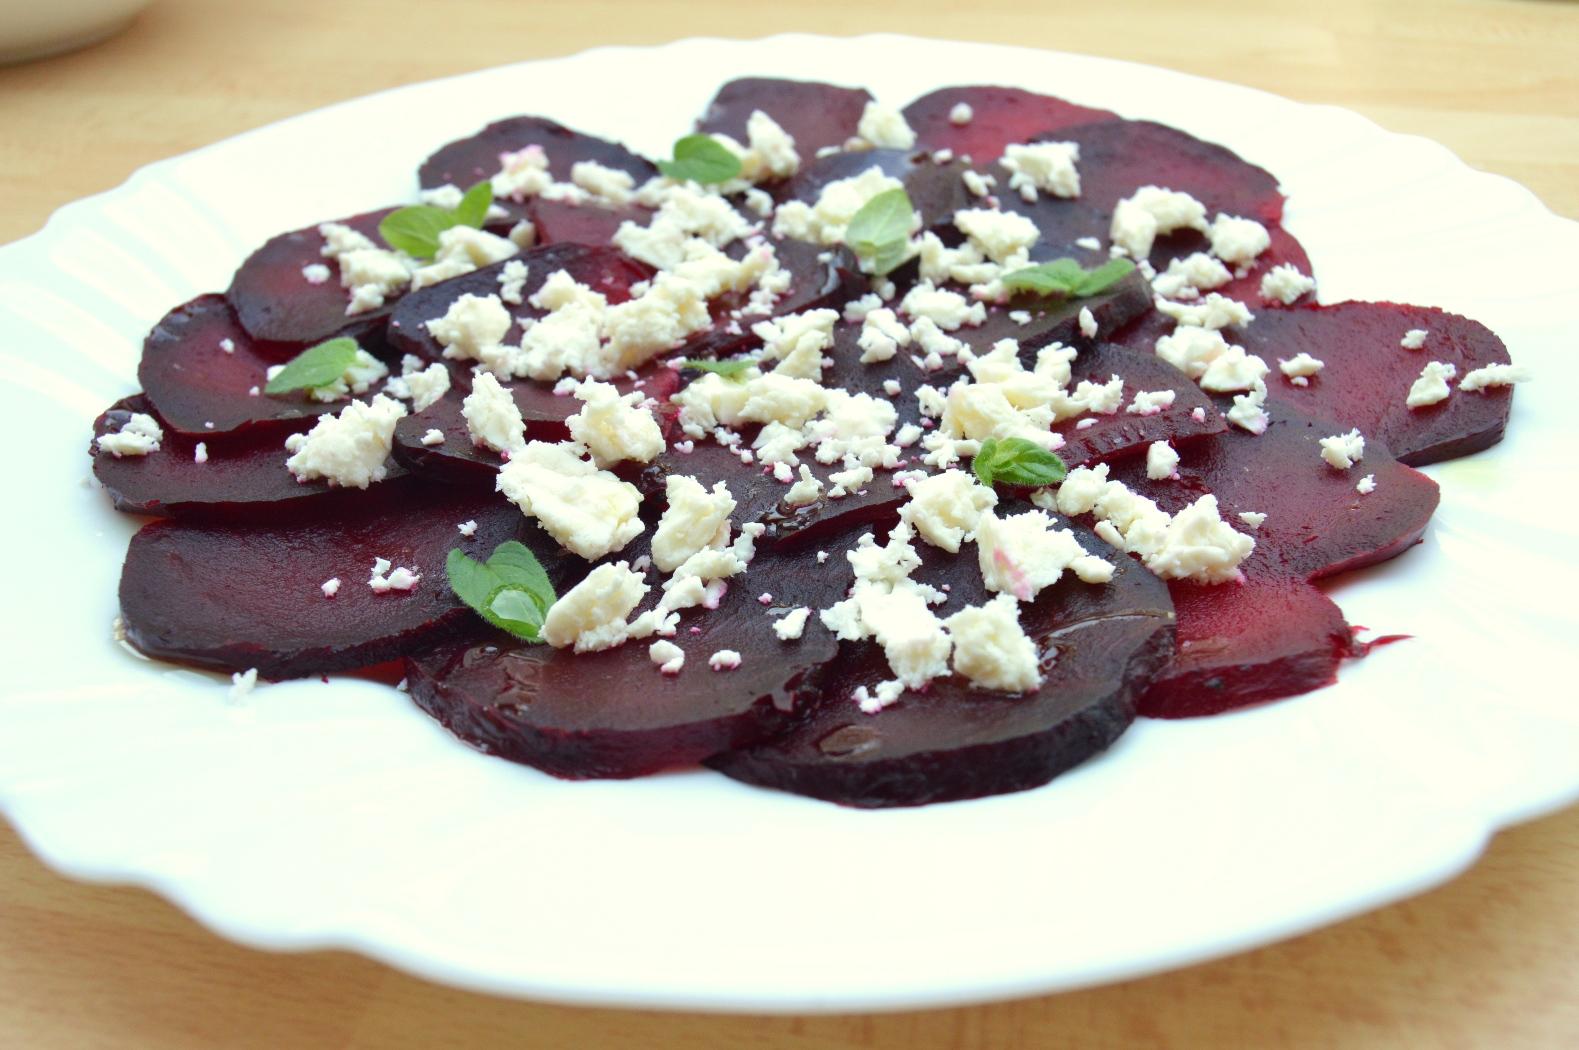 Pečené plátky červené řepy s balkánským sýrem